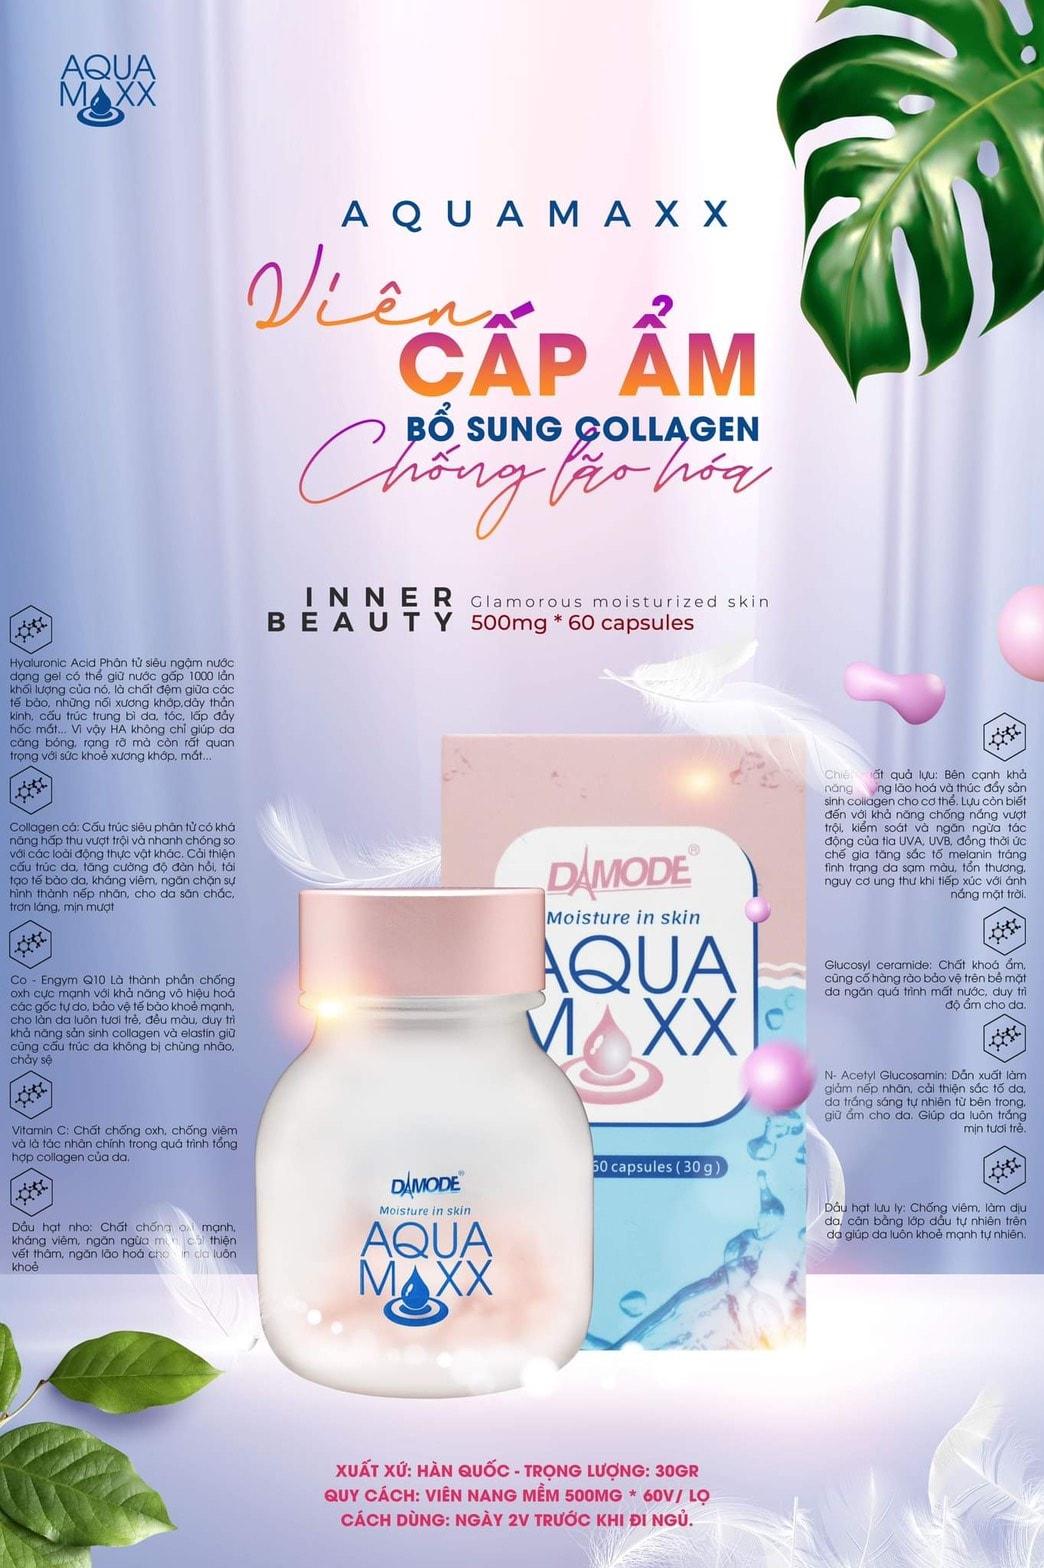 thanh-phan-vien-uong-cap-am-aqua-maxx-damode